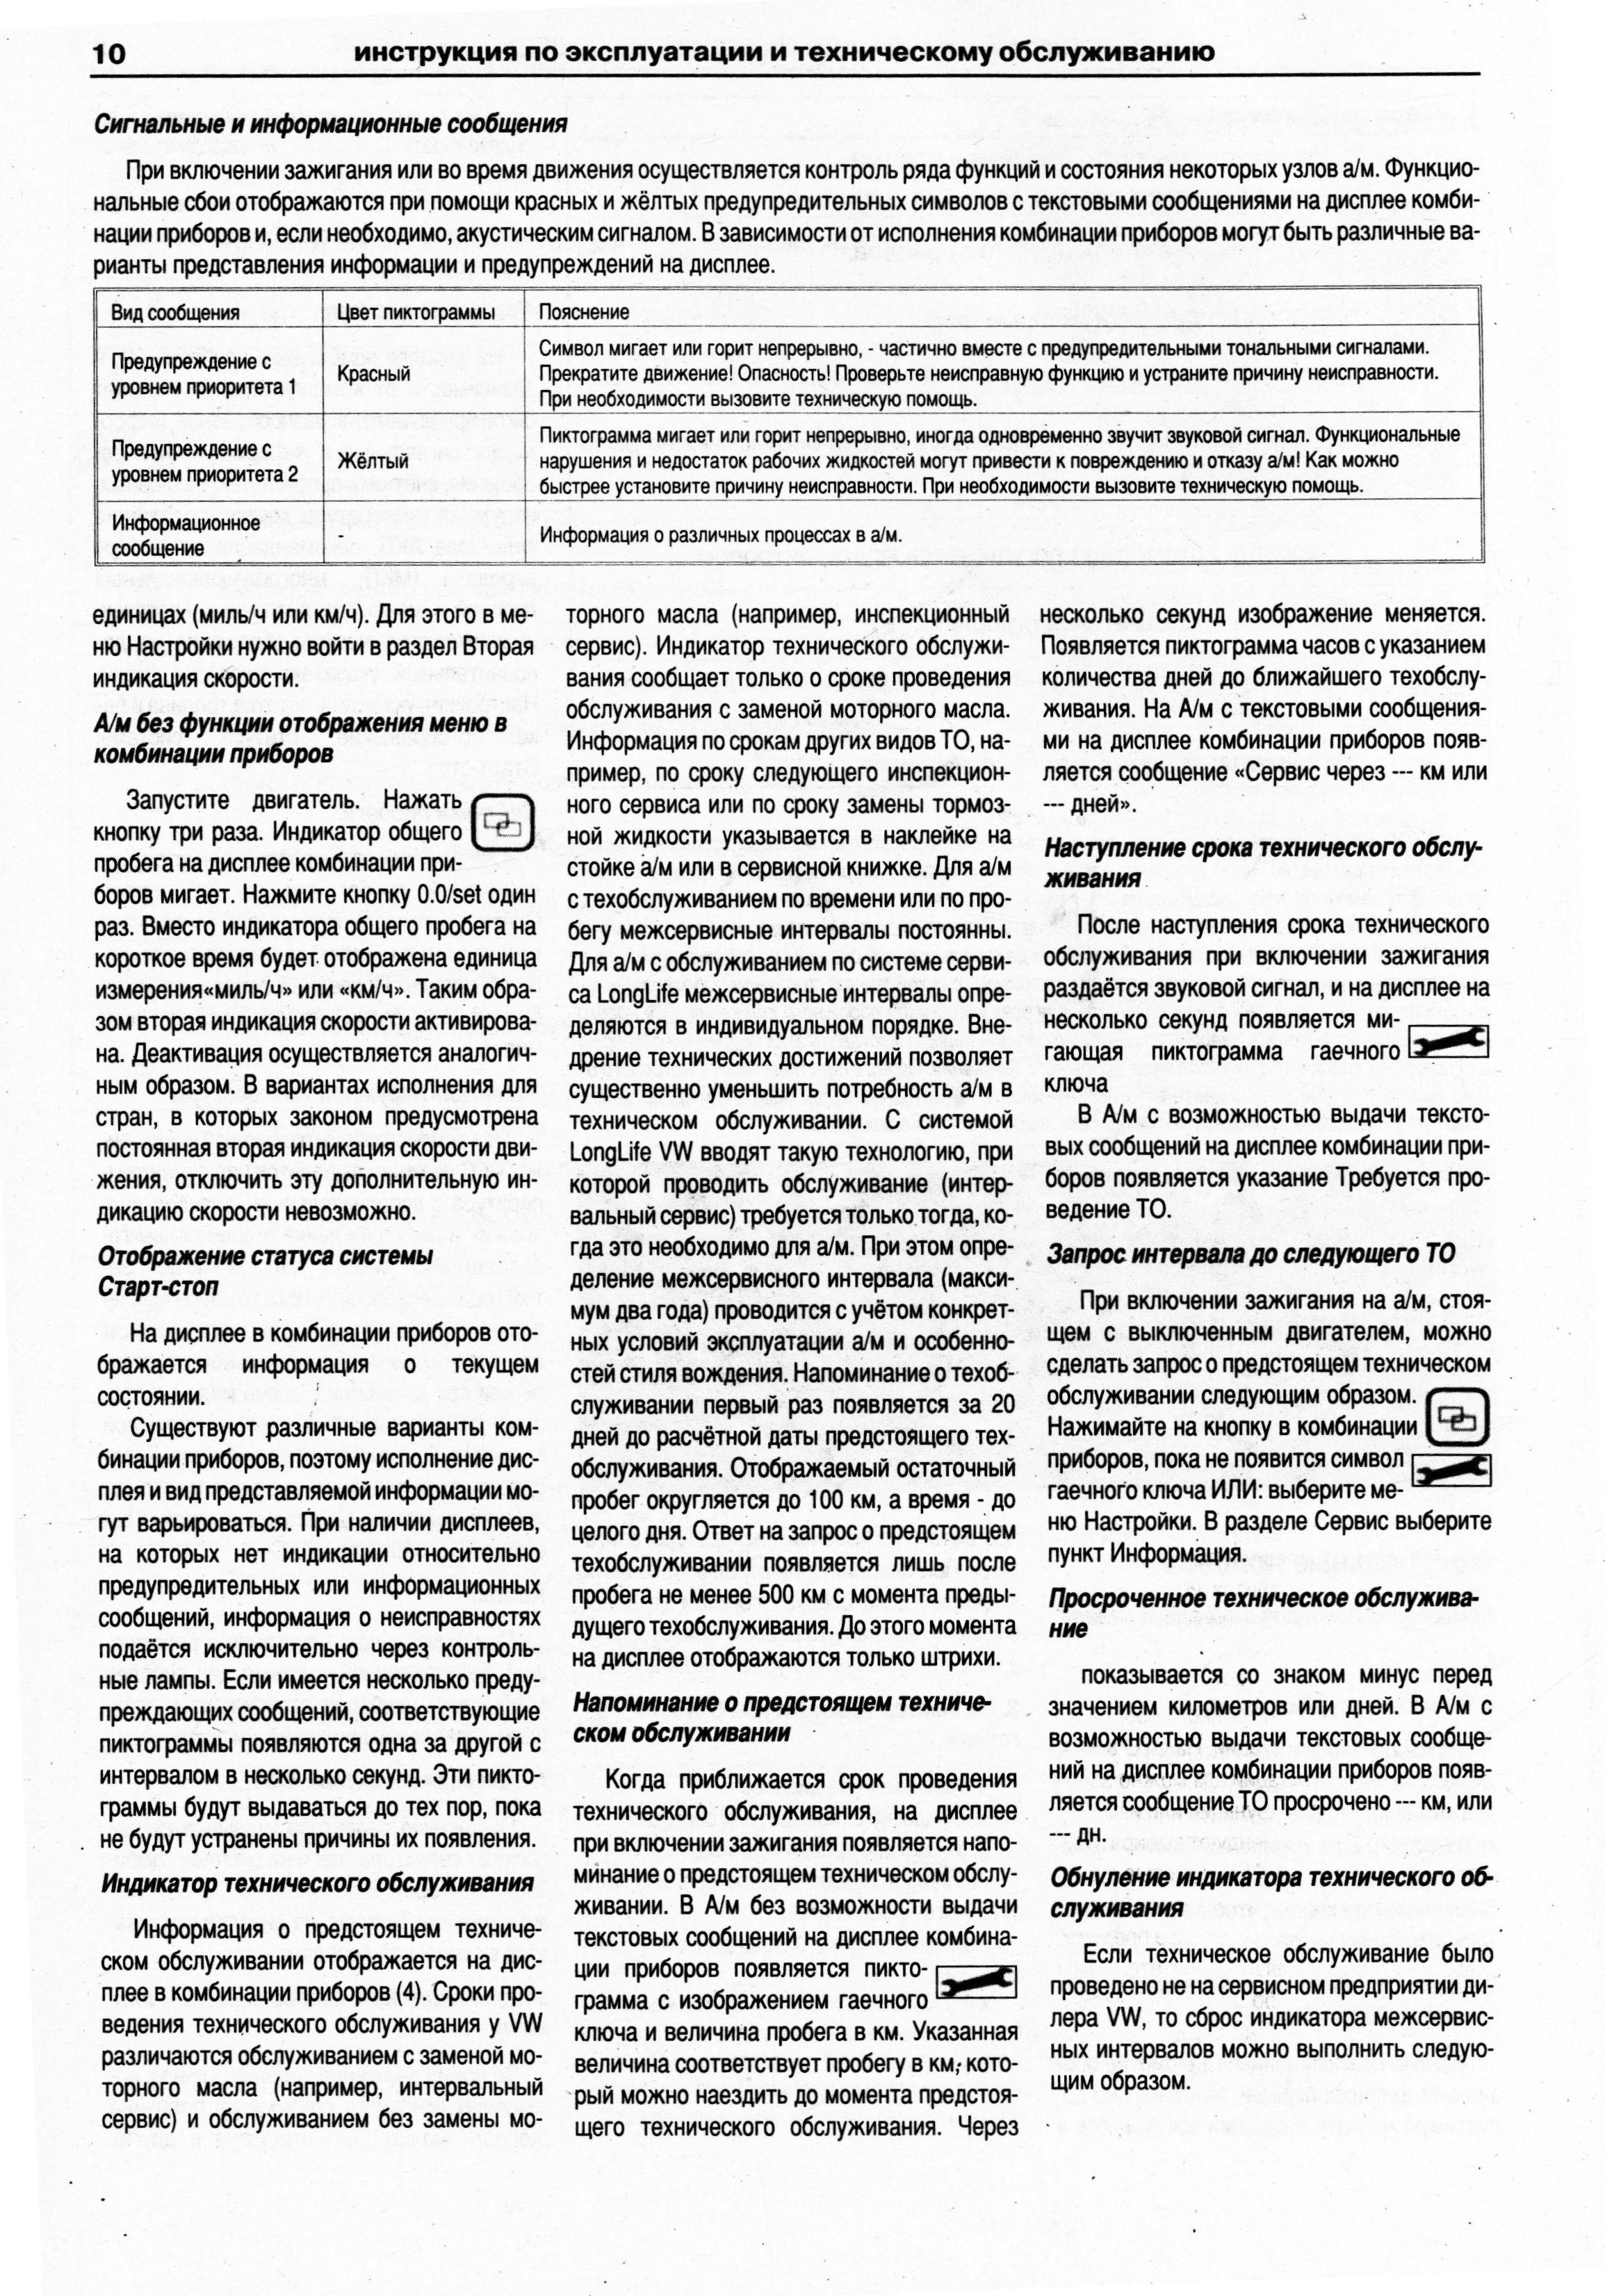 руководство по эксплуатации и ремонту фольксваген транспортер т5 скачать бесплатно